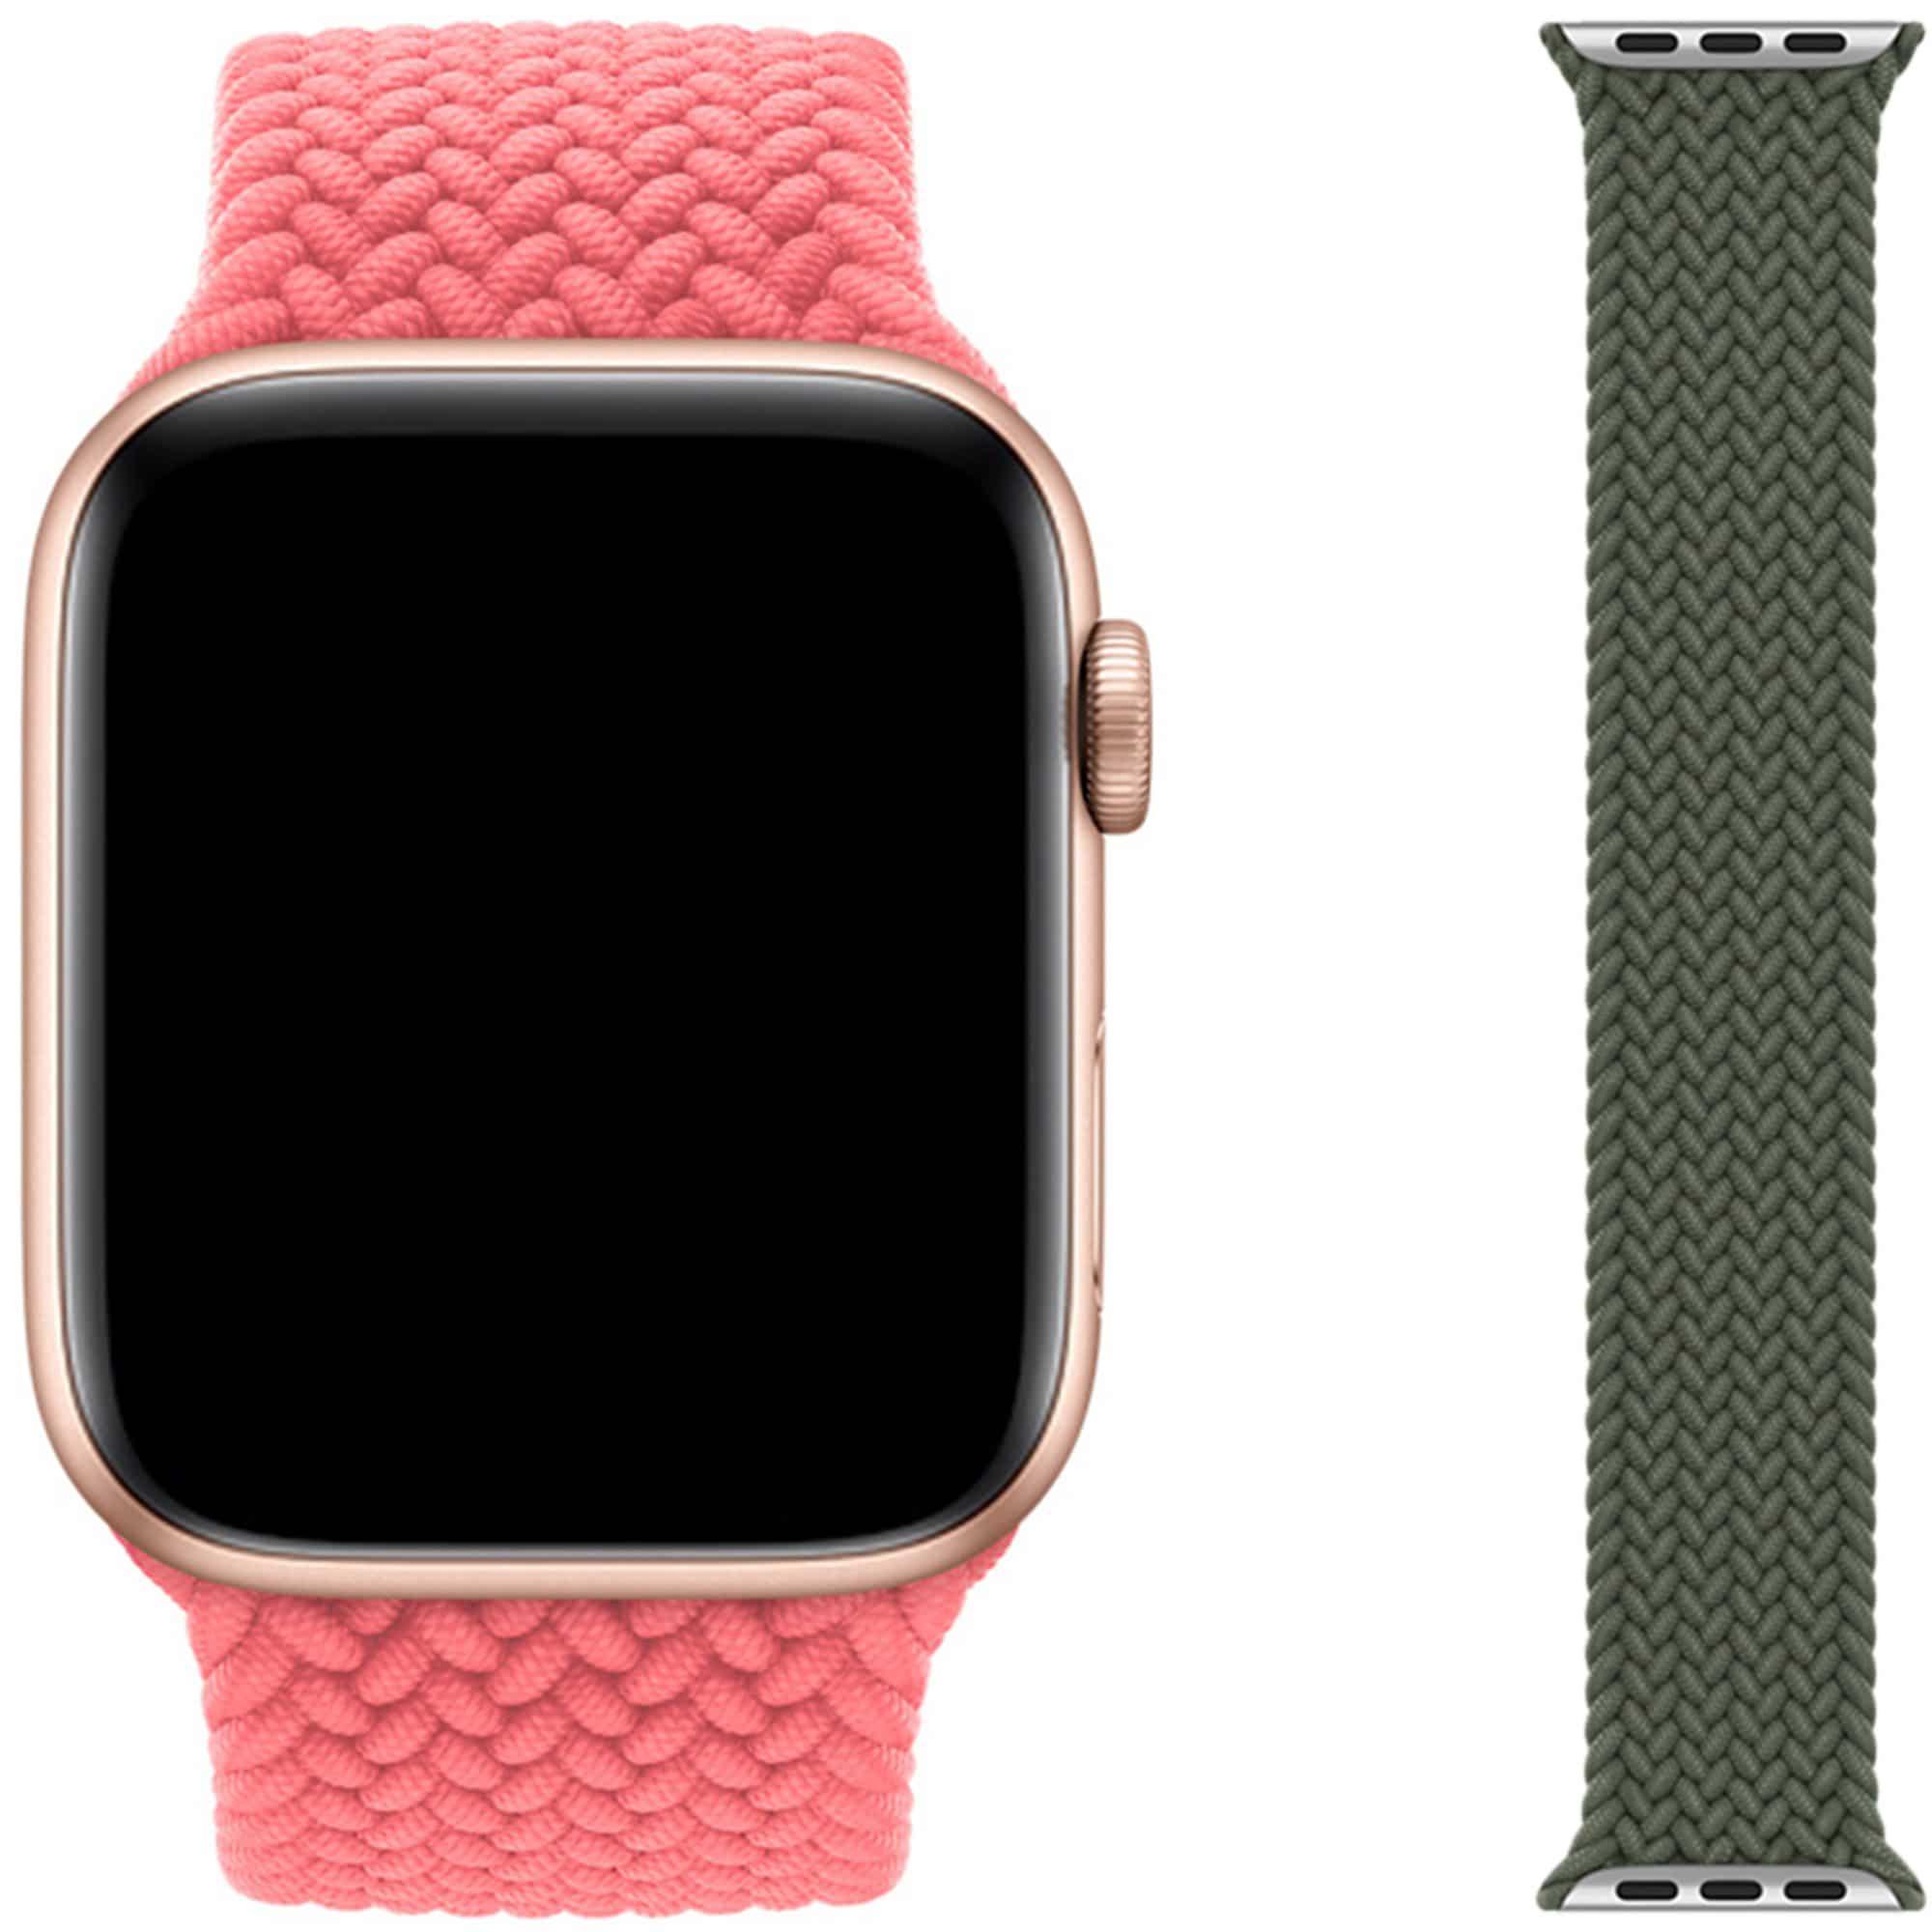 Gevlochten solobandjes voor de Apple Watch